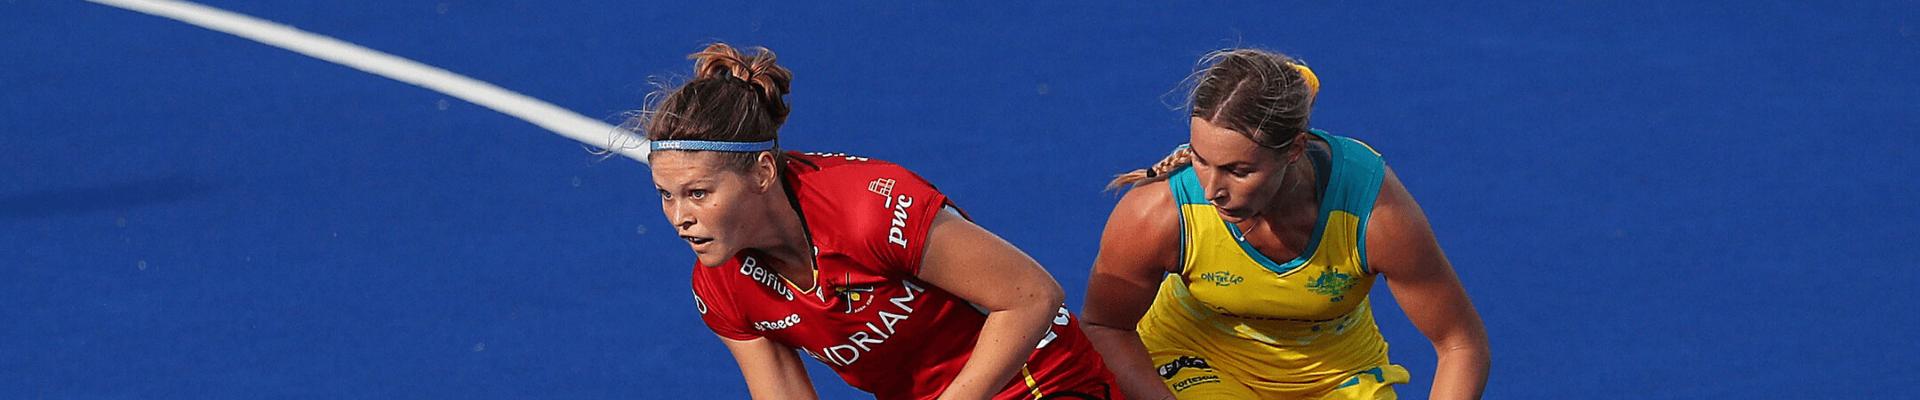 Belle prestation des Panthers avec des shoot-outs remportés ! - Hockey Belgium